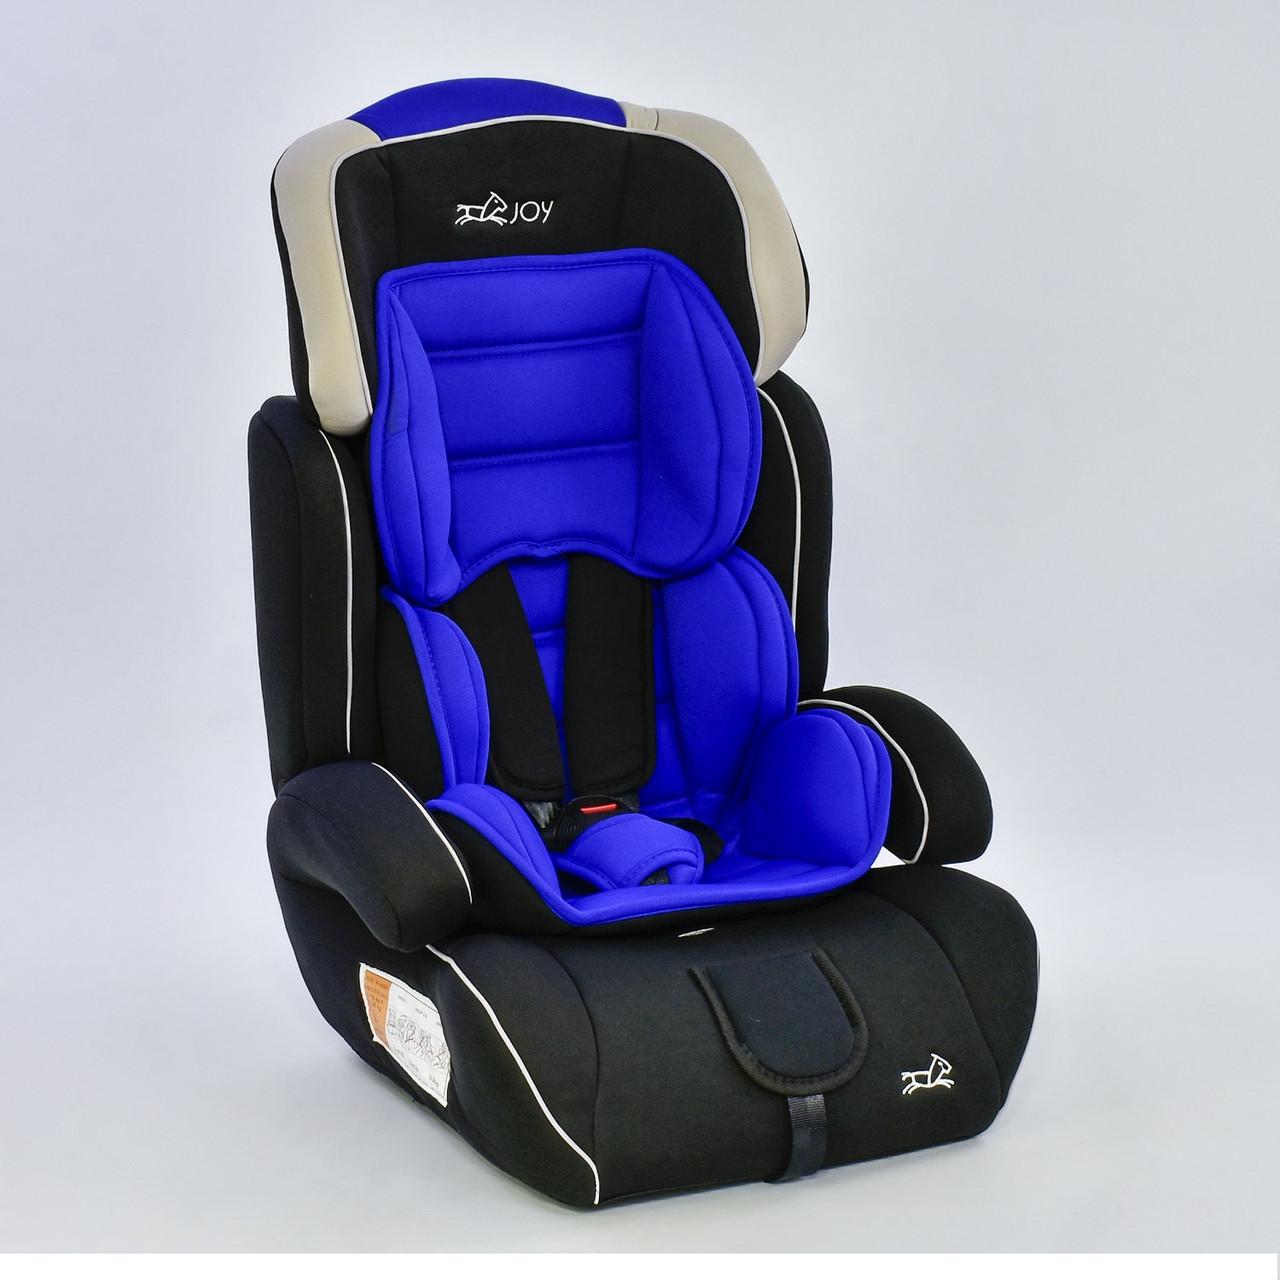 Автокресло Joy 8888 универсальное синее, фото 1